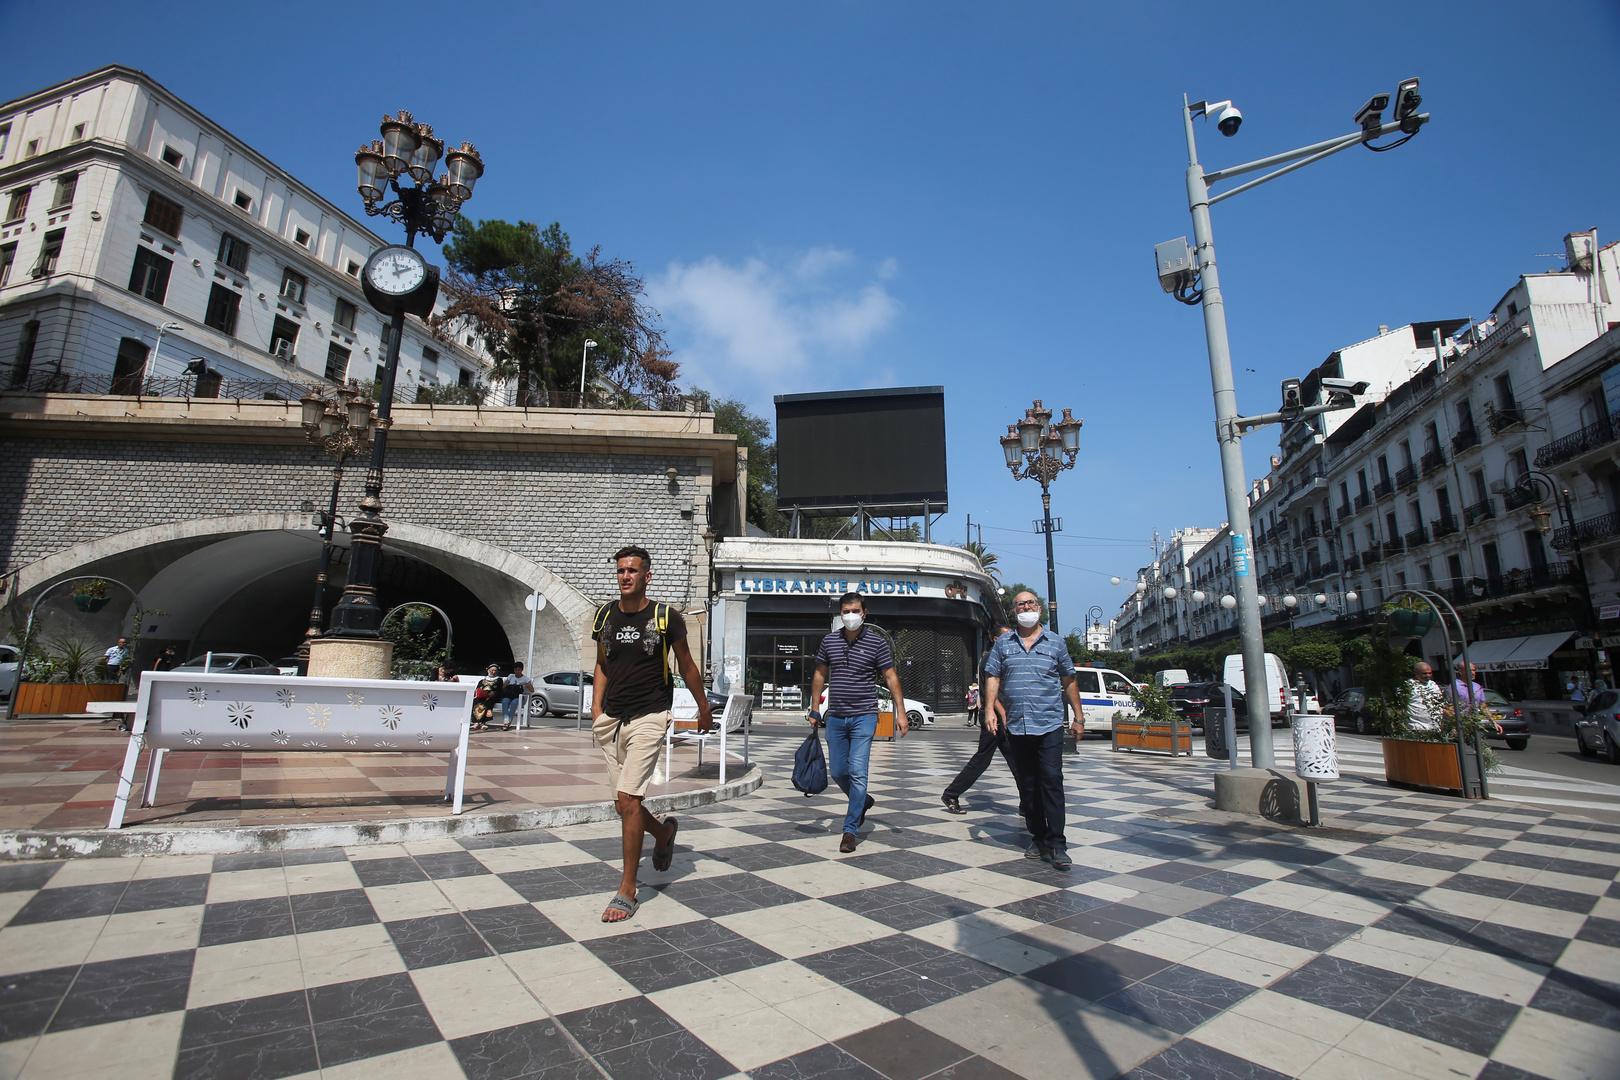 ساحة موريس أودان في مدينة الجزائر العاصمة